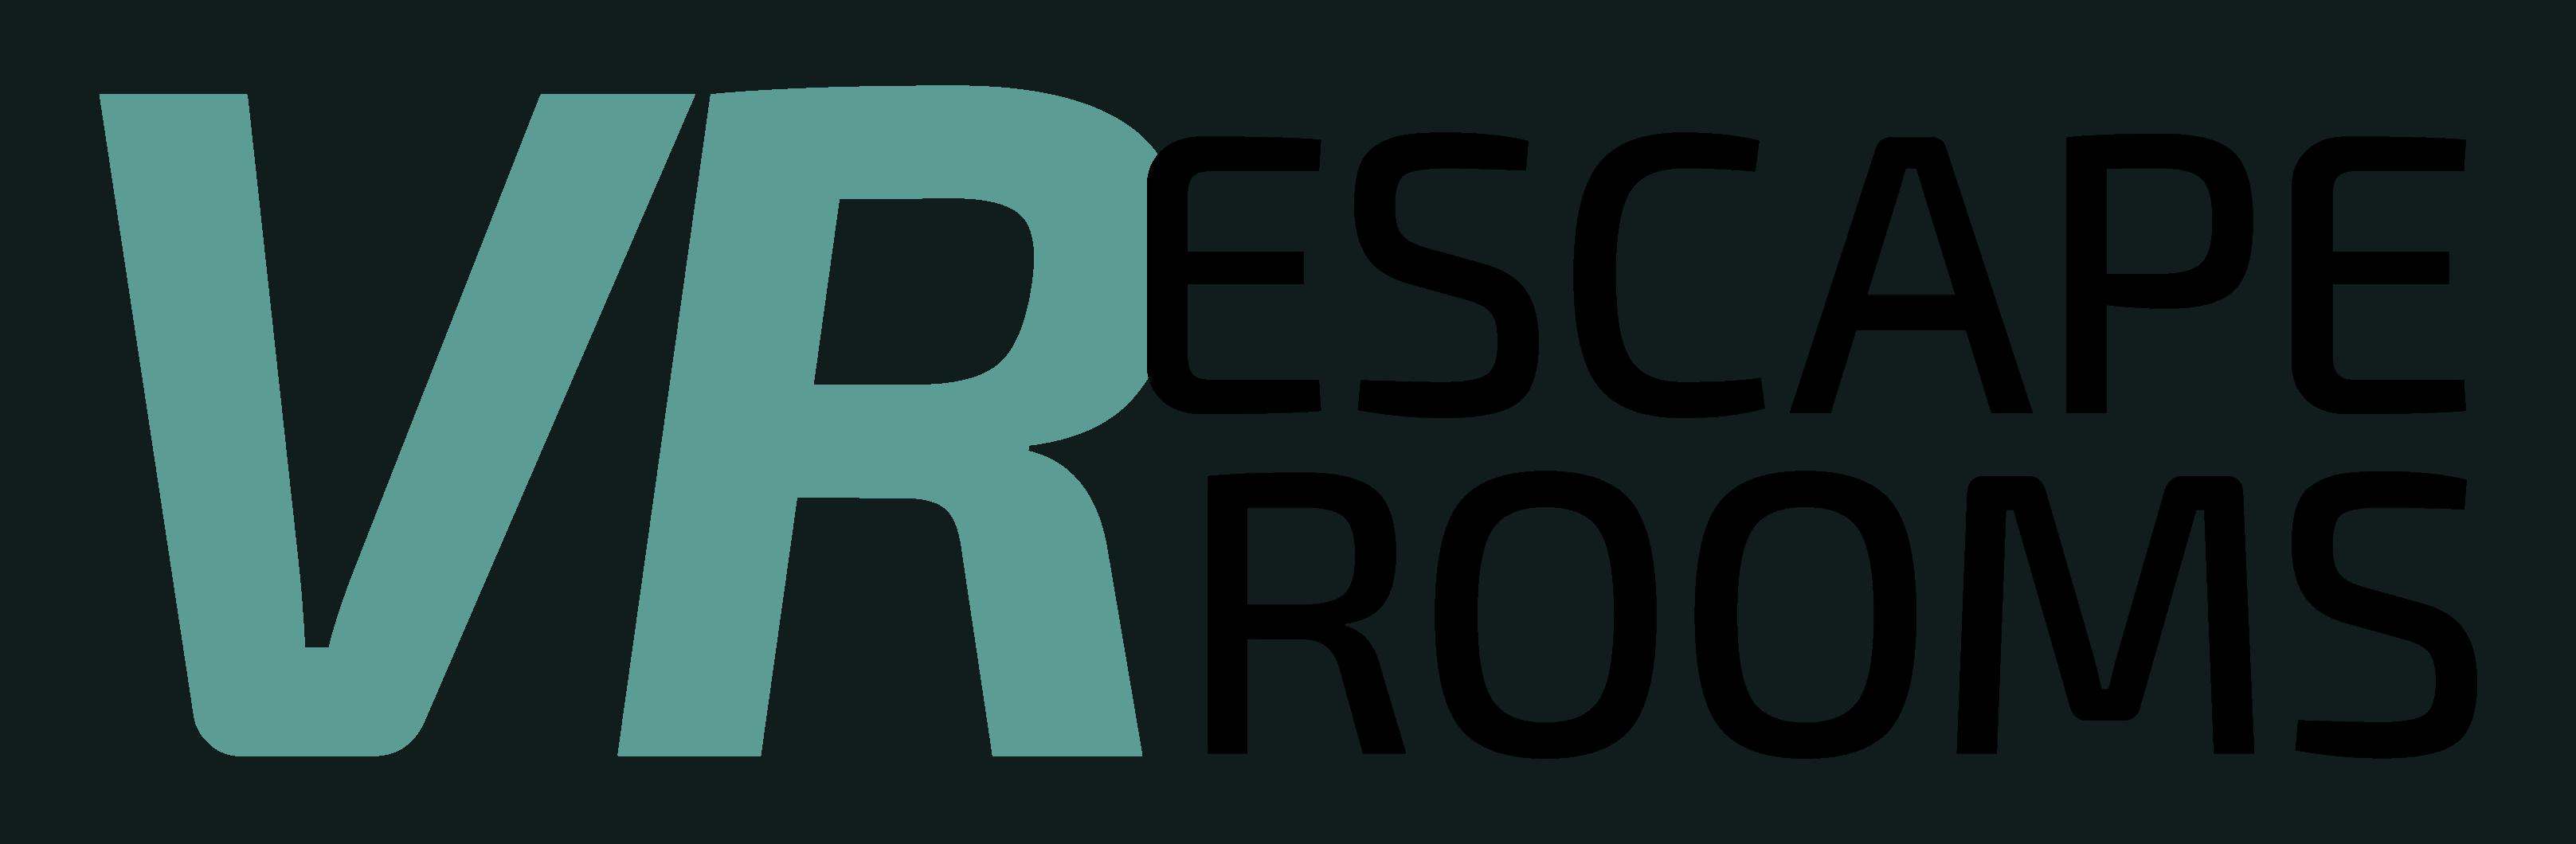 VR Experiences Logos-01 blk